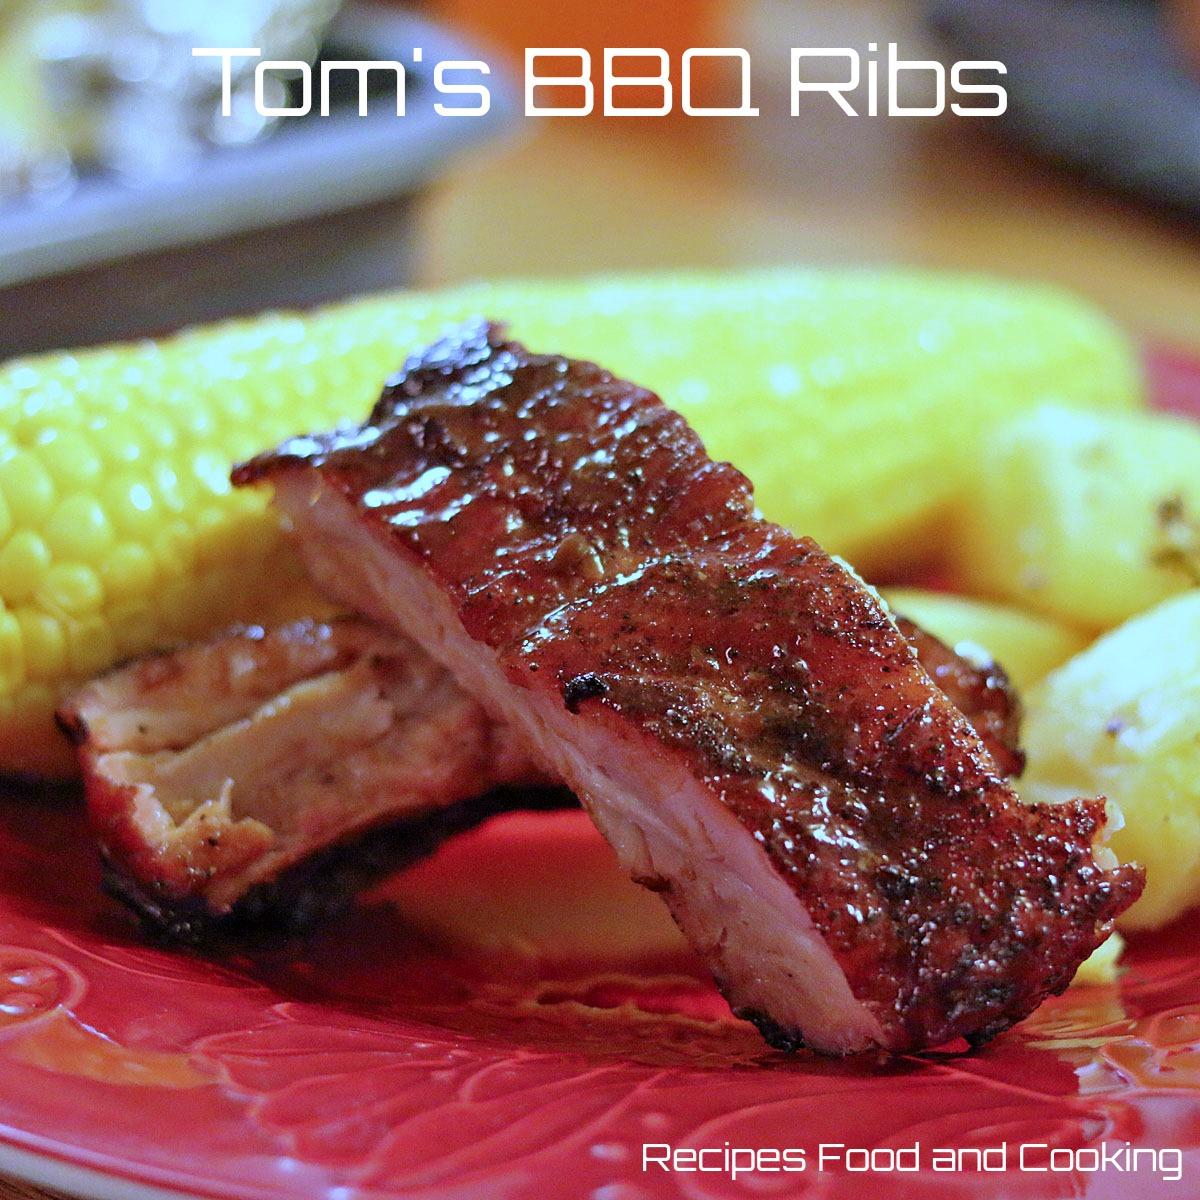 Tom's BBQ Ribs